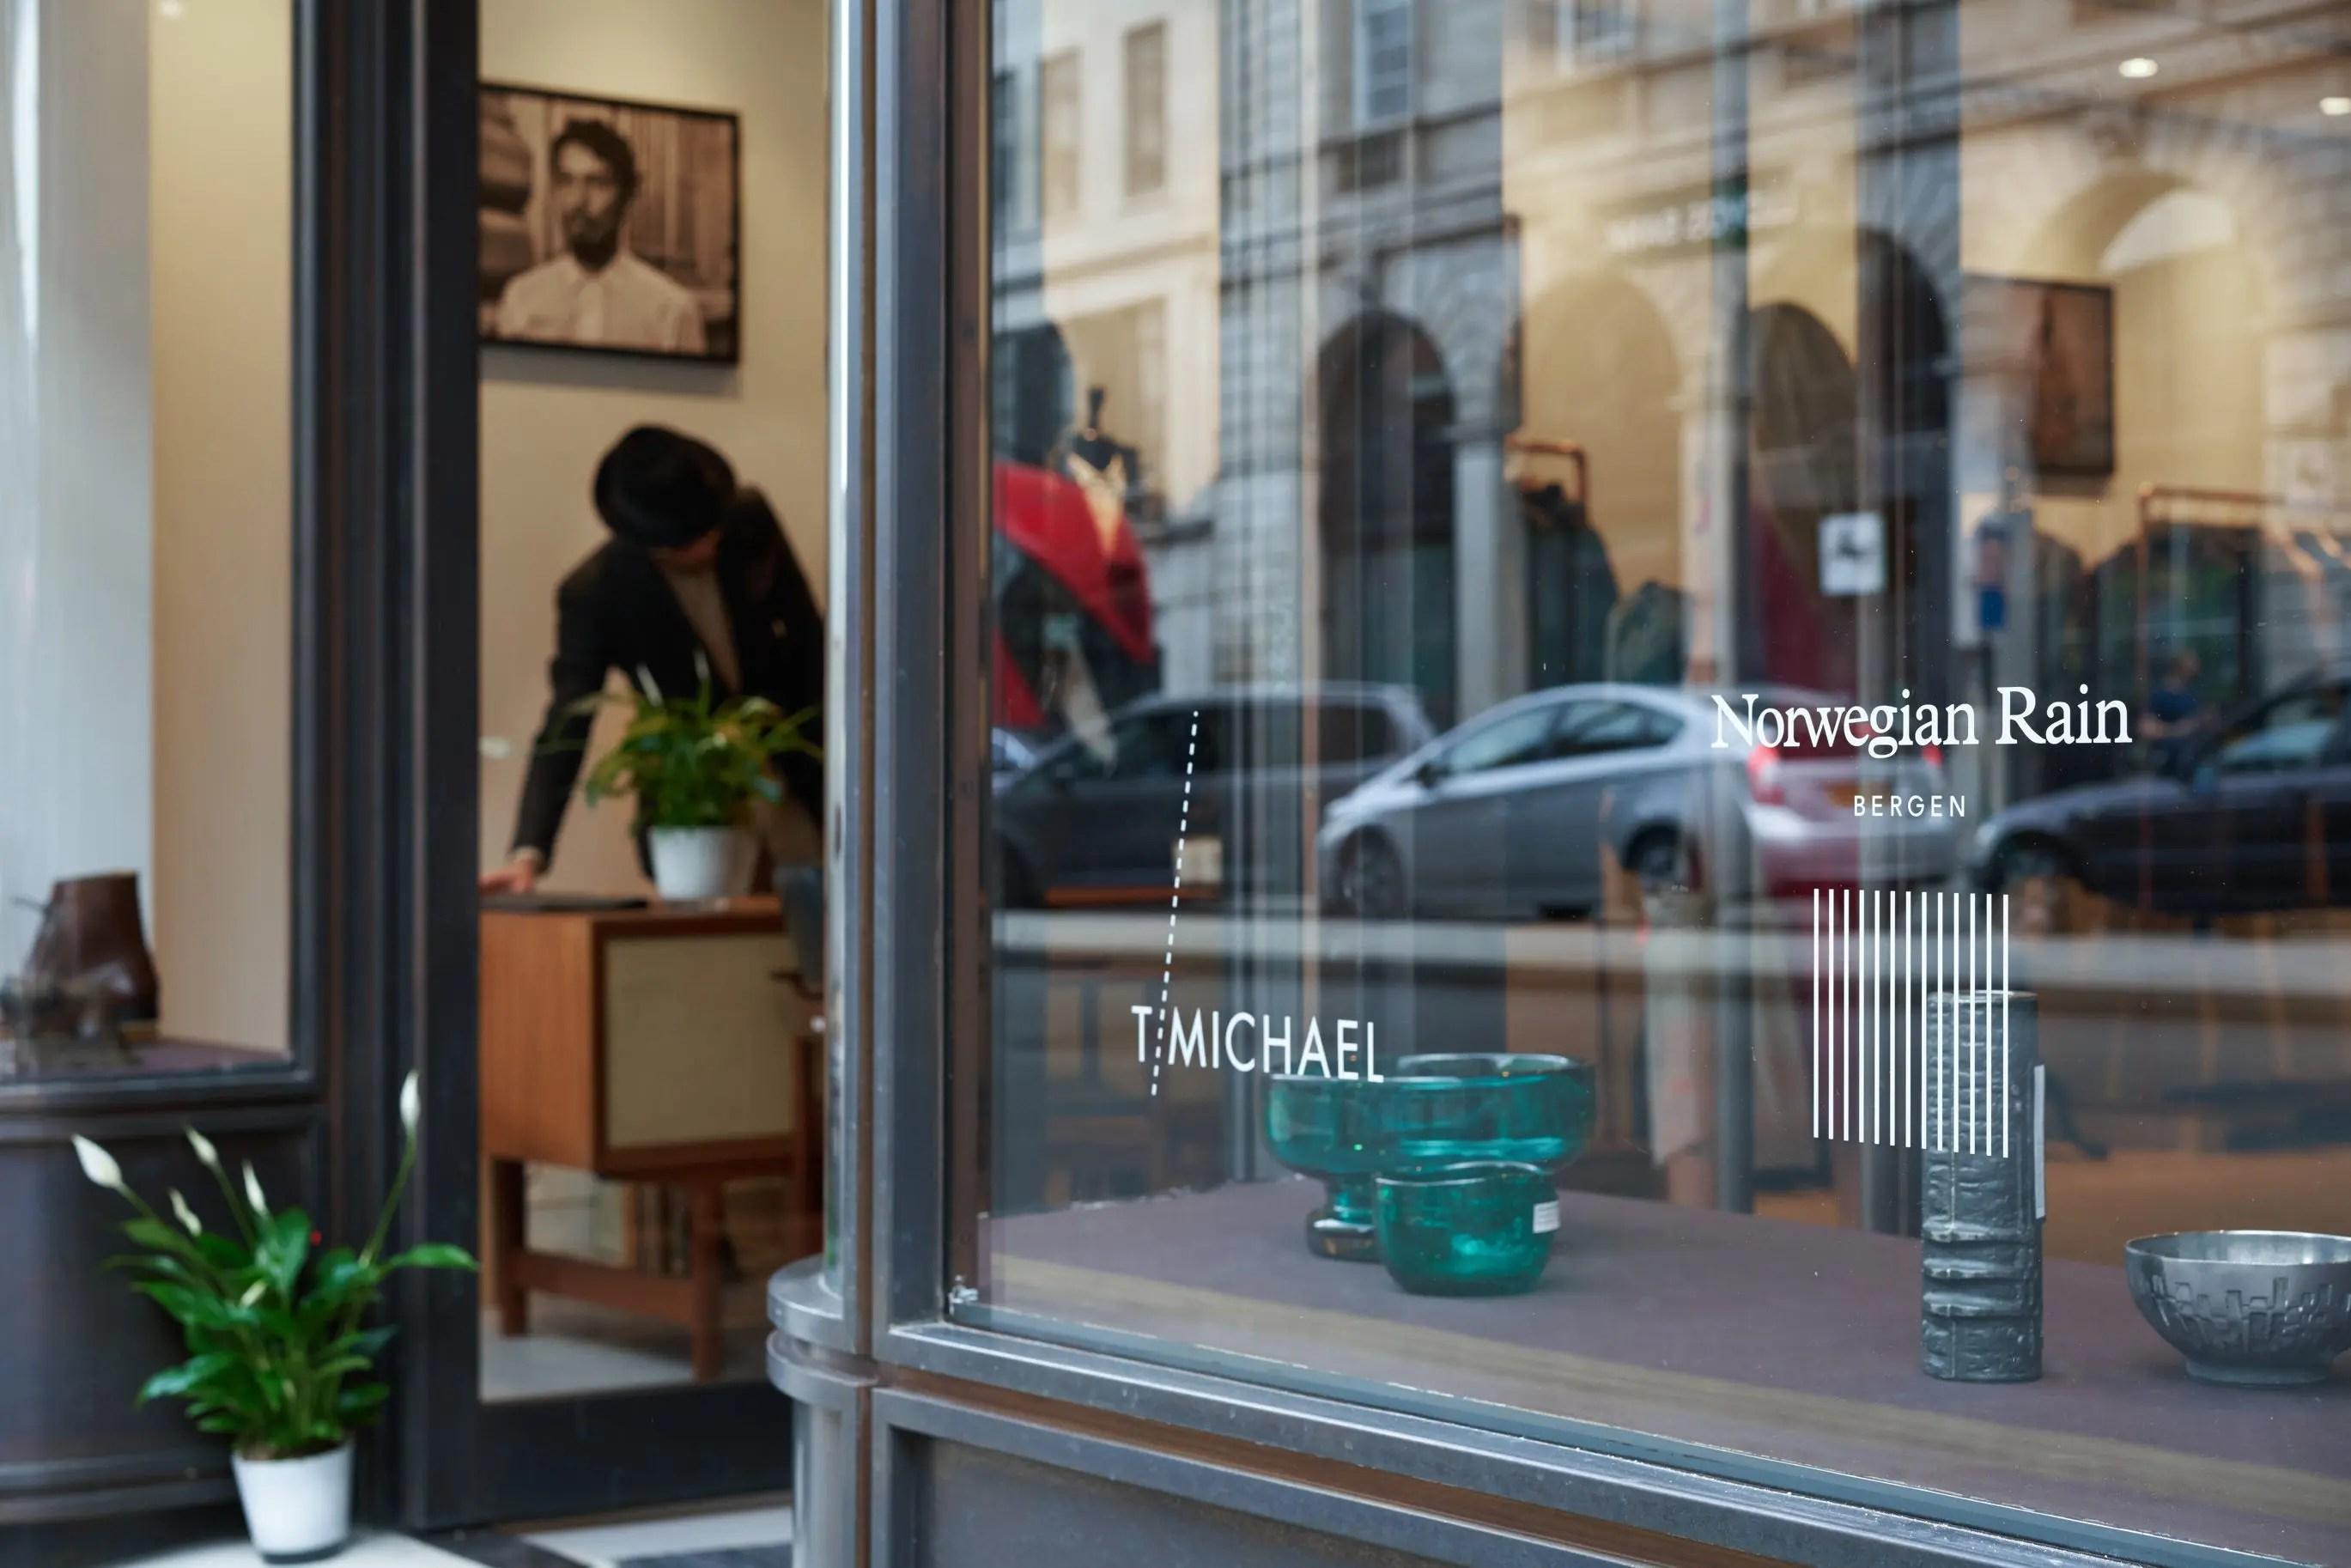 Norwegian Rain open Flagship Store in London - Ape to Gentleman